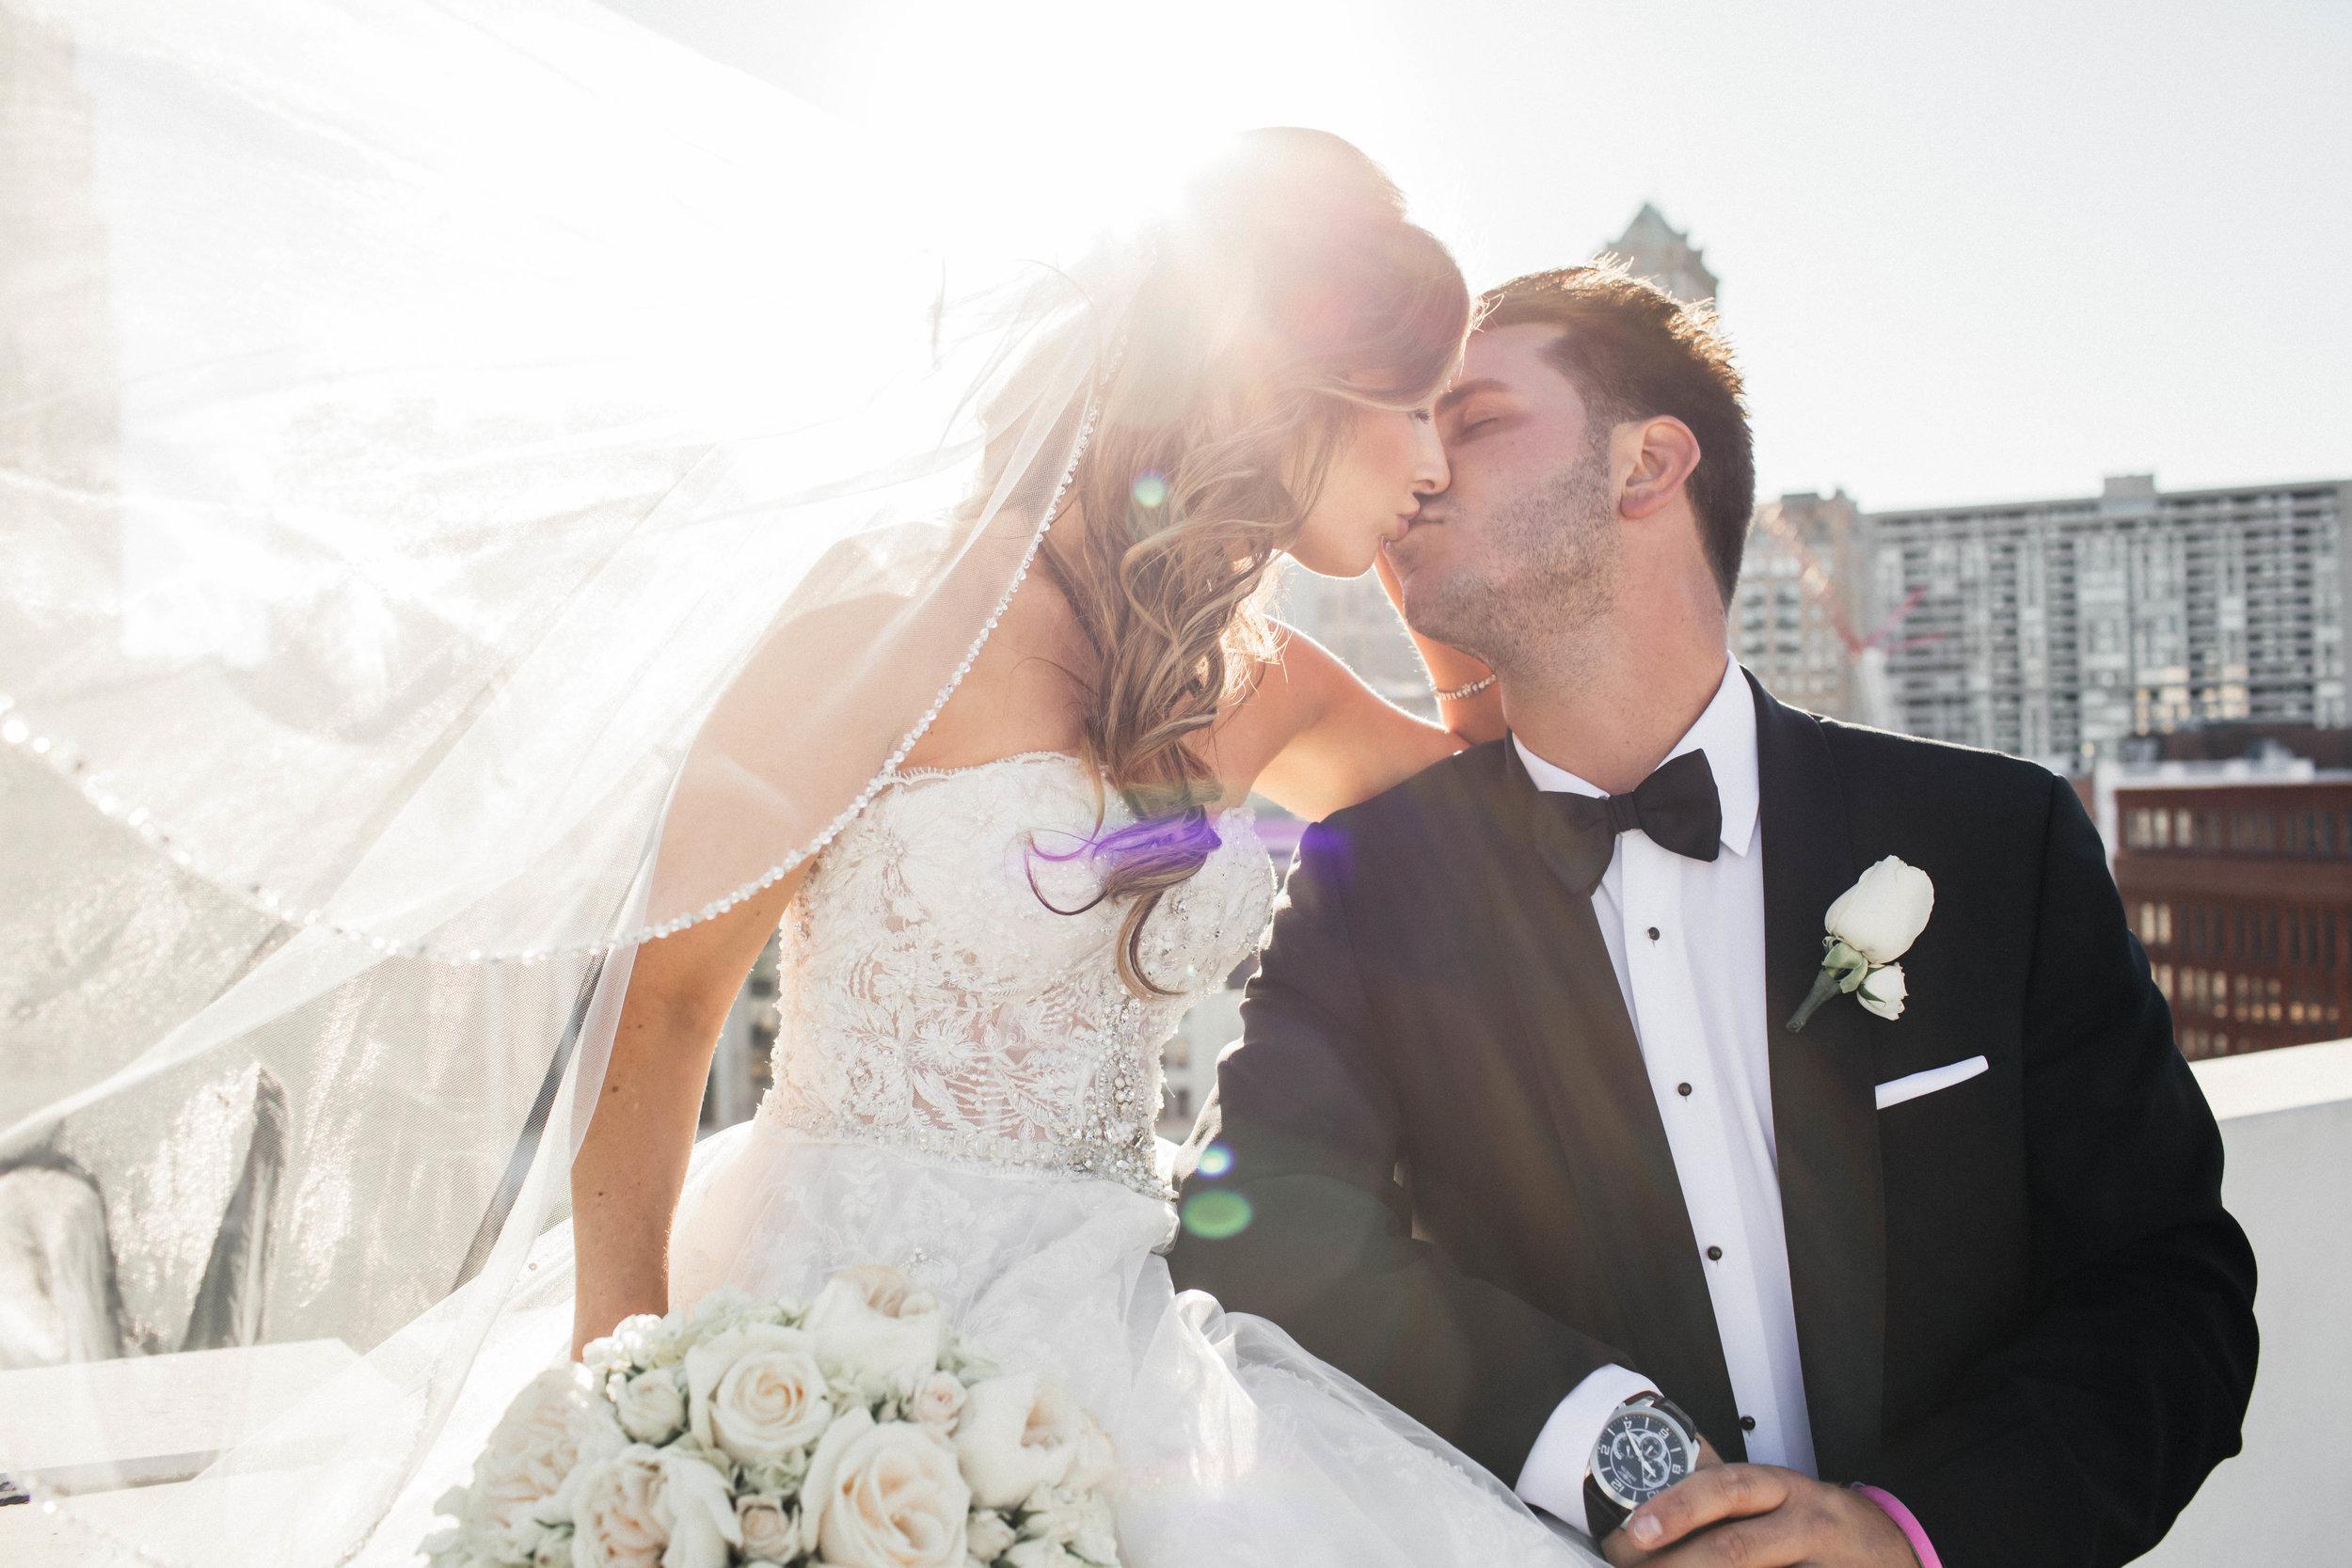 Nicole_Marie_Photography_Luxury_Wedding_Photographer-47.jpg